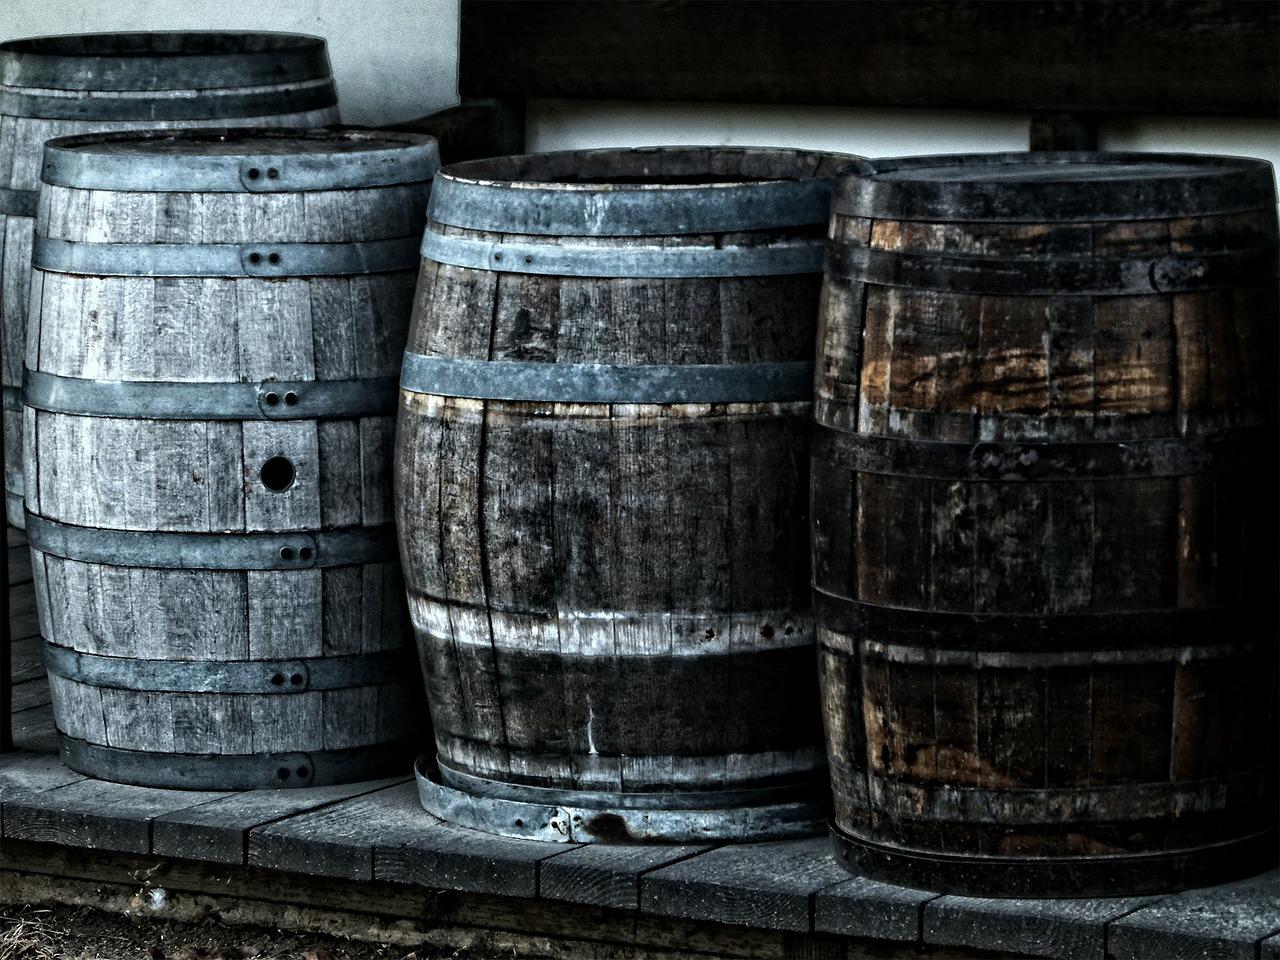 Obliczanie zawartości alkoholu, czyli jak używać cukromierza